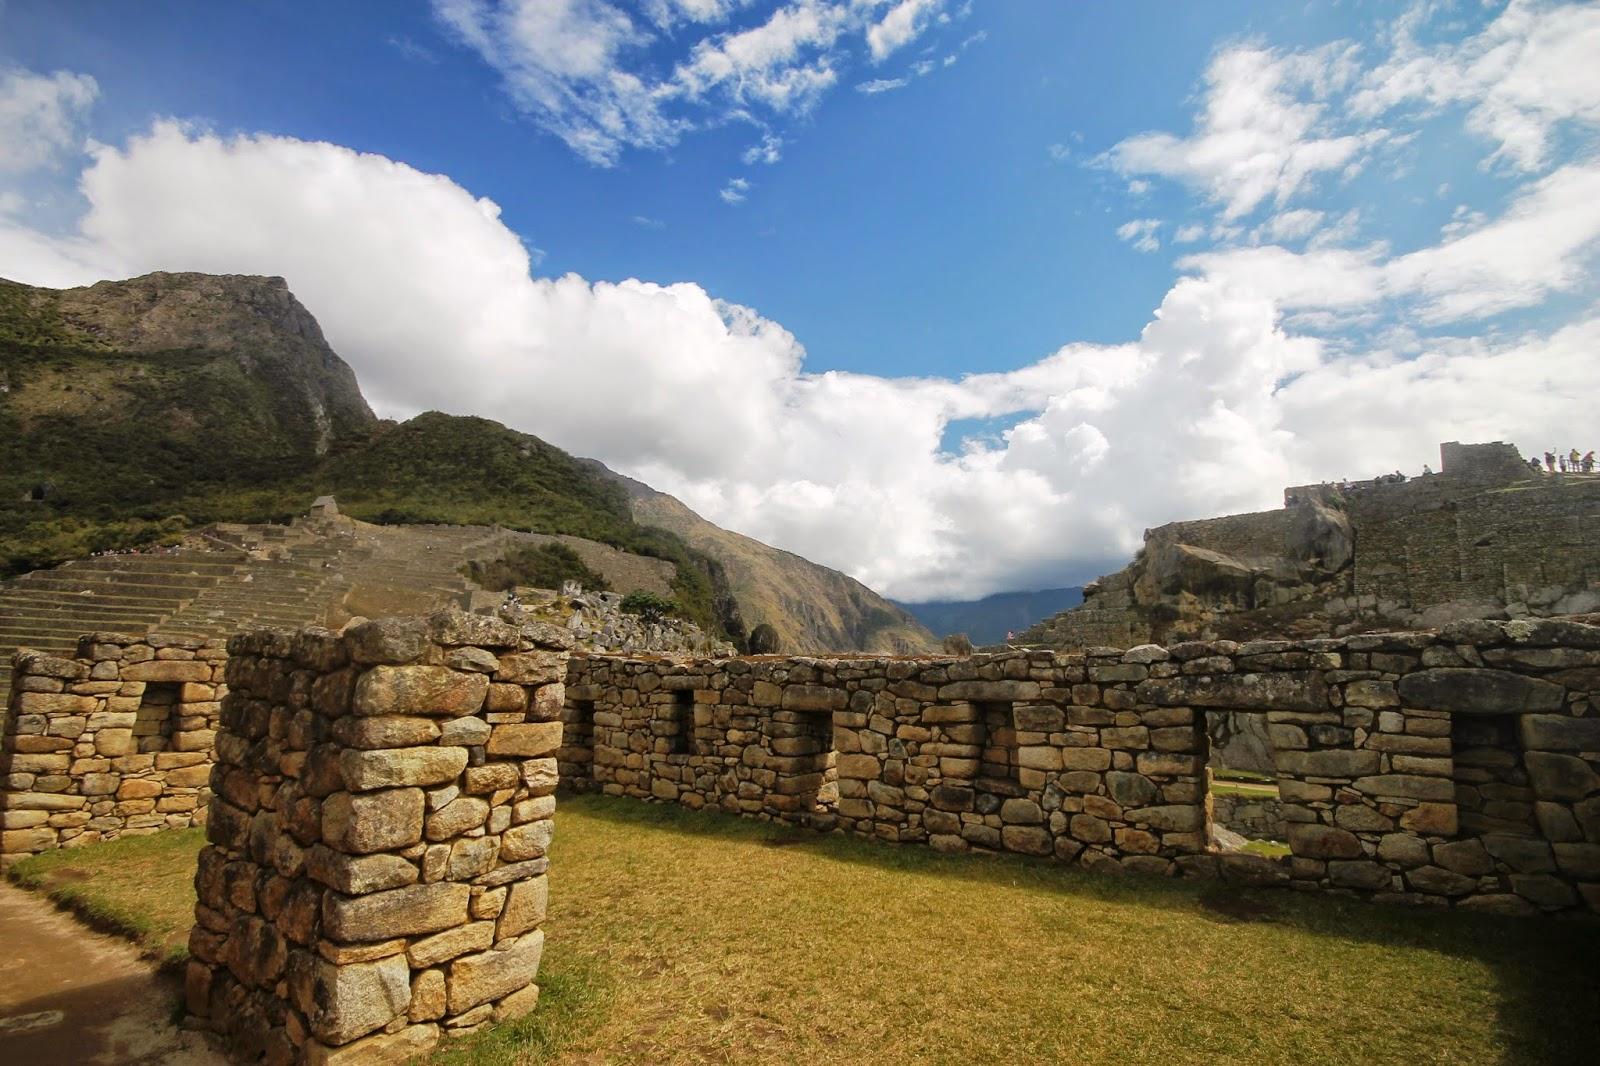 Les Ruines De Pisac Prs Cuzco Au Prou